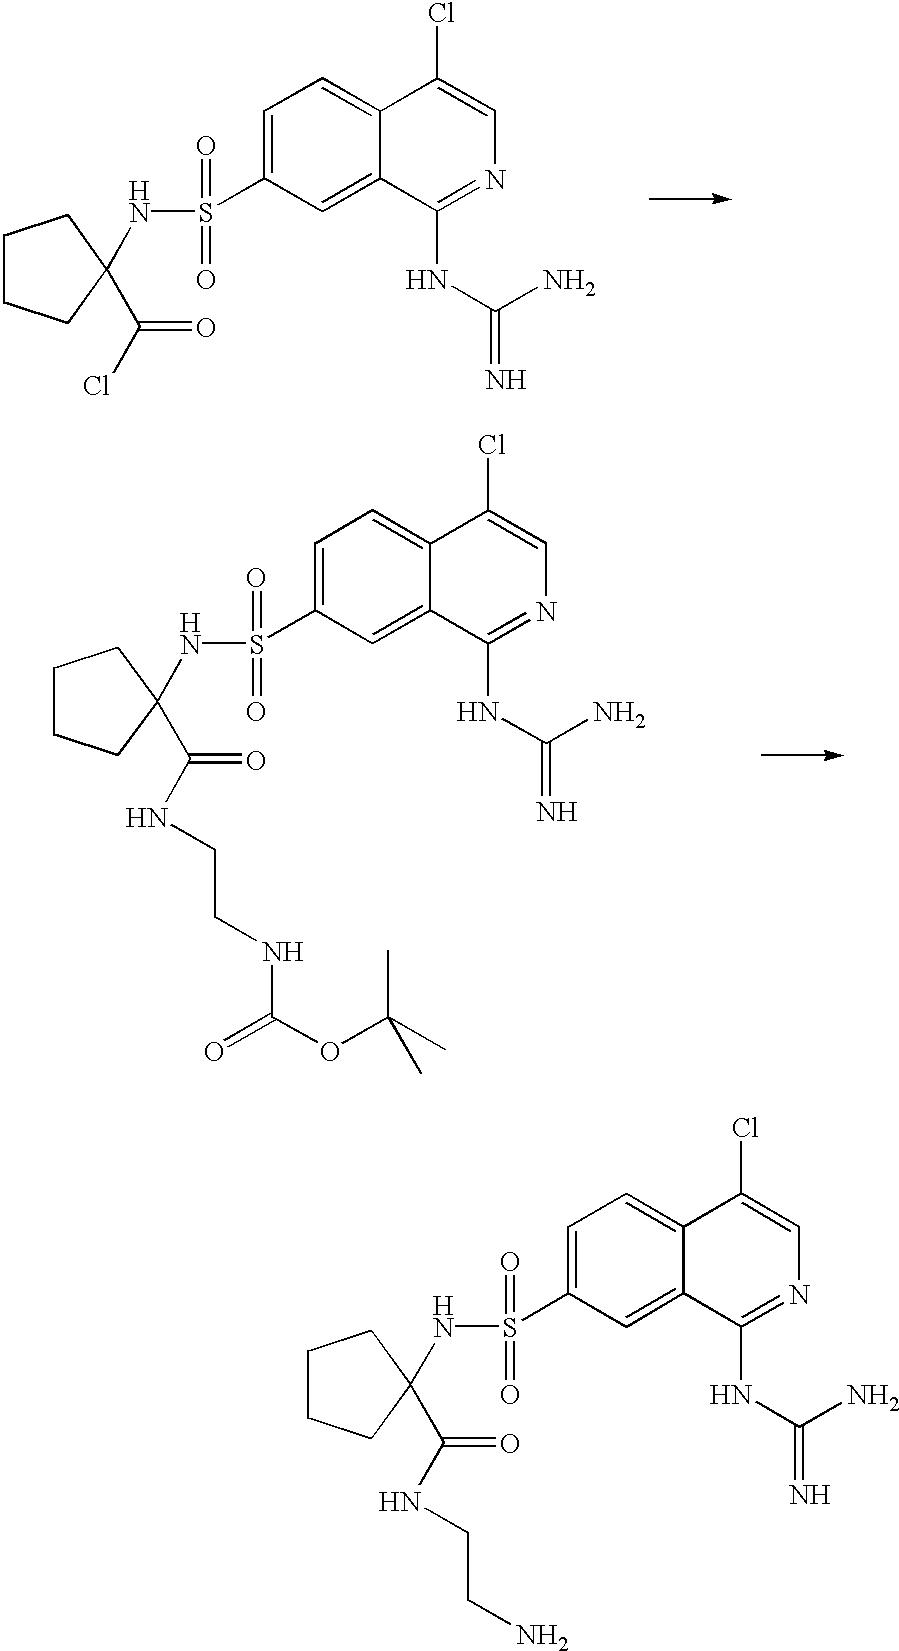 Figure US20030199440A1-20031023-C00113